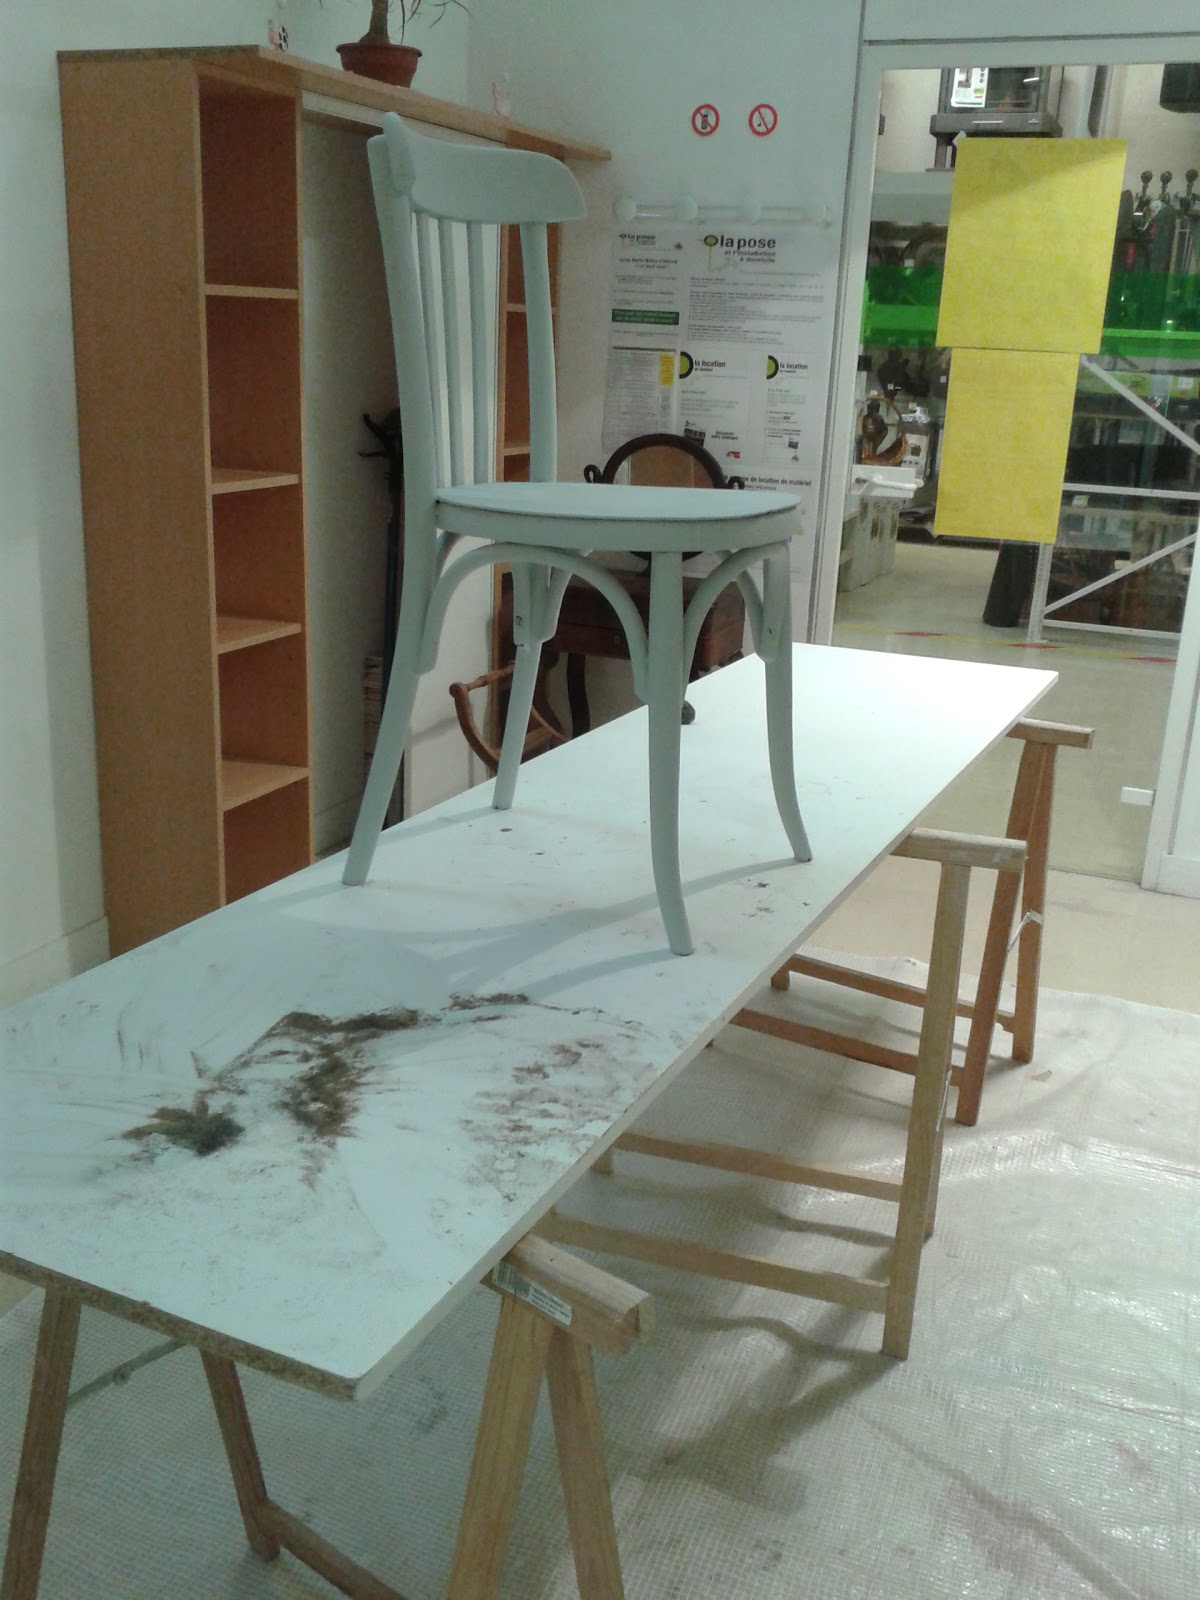 peinture sur meuble cours de bricolage leroy merlin. Black Bedroom Furniture Sets. Home Design Ideas